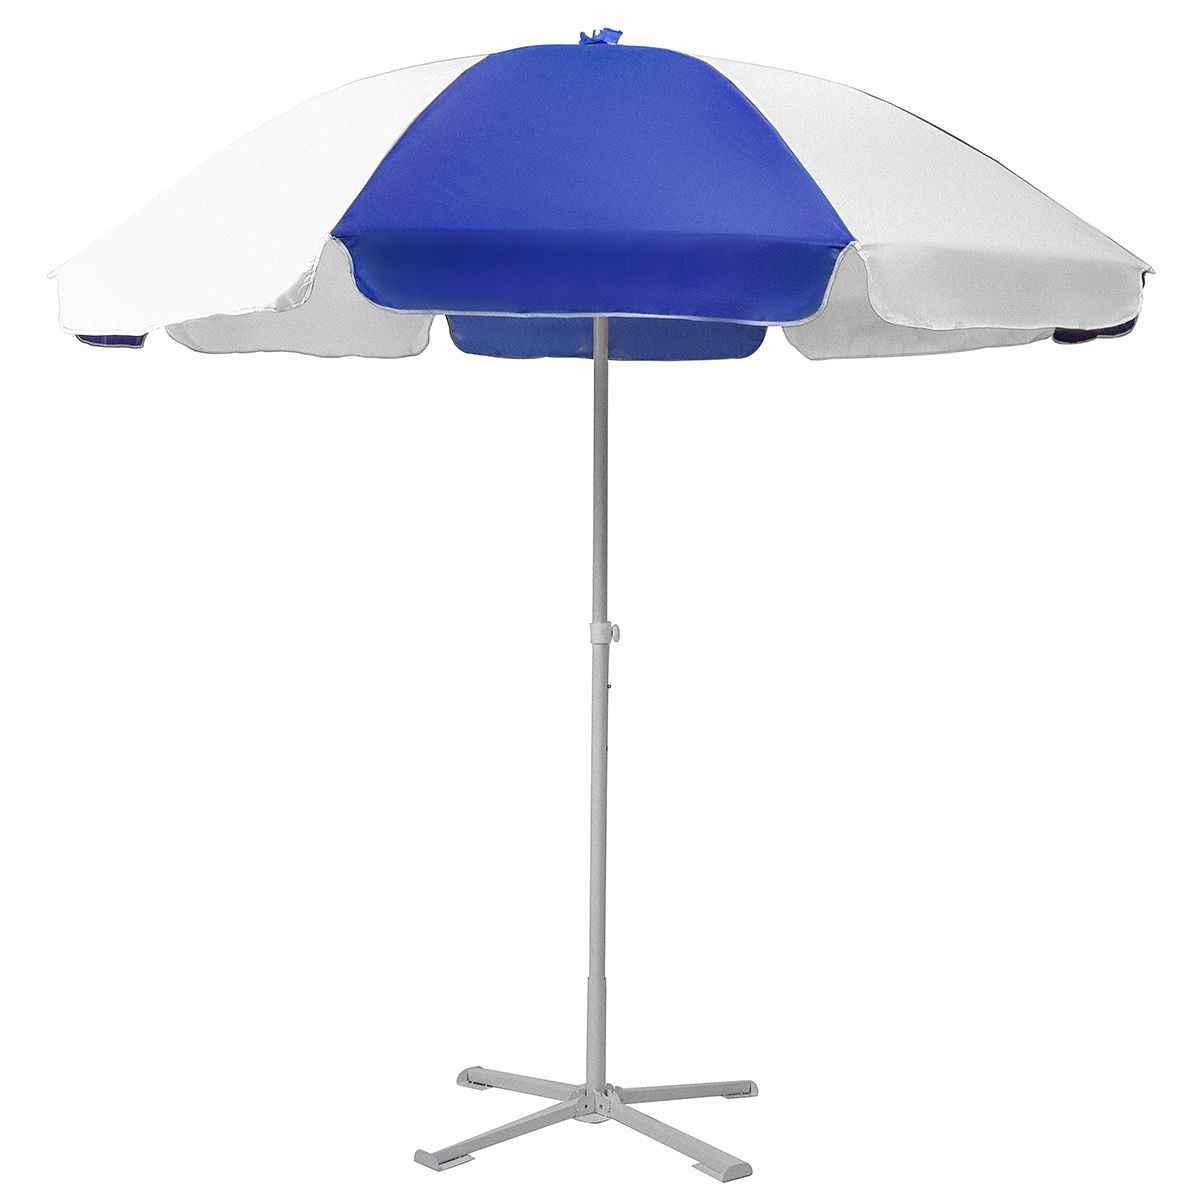 Umbrella Stand Outdoor 1.8m 2 Layer Shelf Adjustable Portable Outdoor Parasol Garden Umbrella Base Sunshade Patio Stand Sun Shelter Accessory-Green